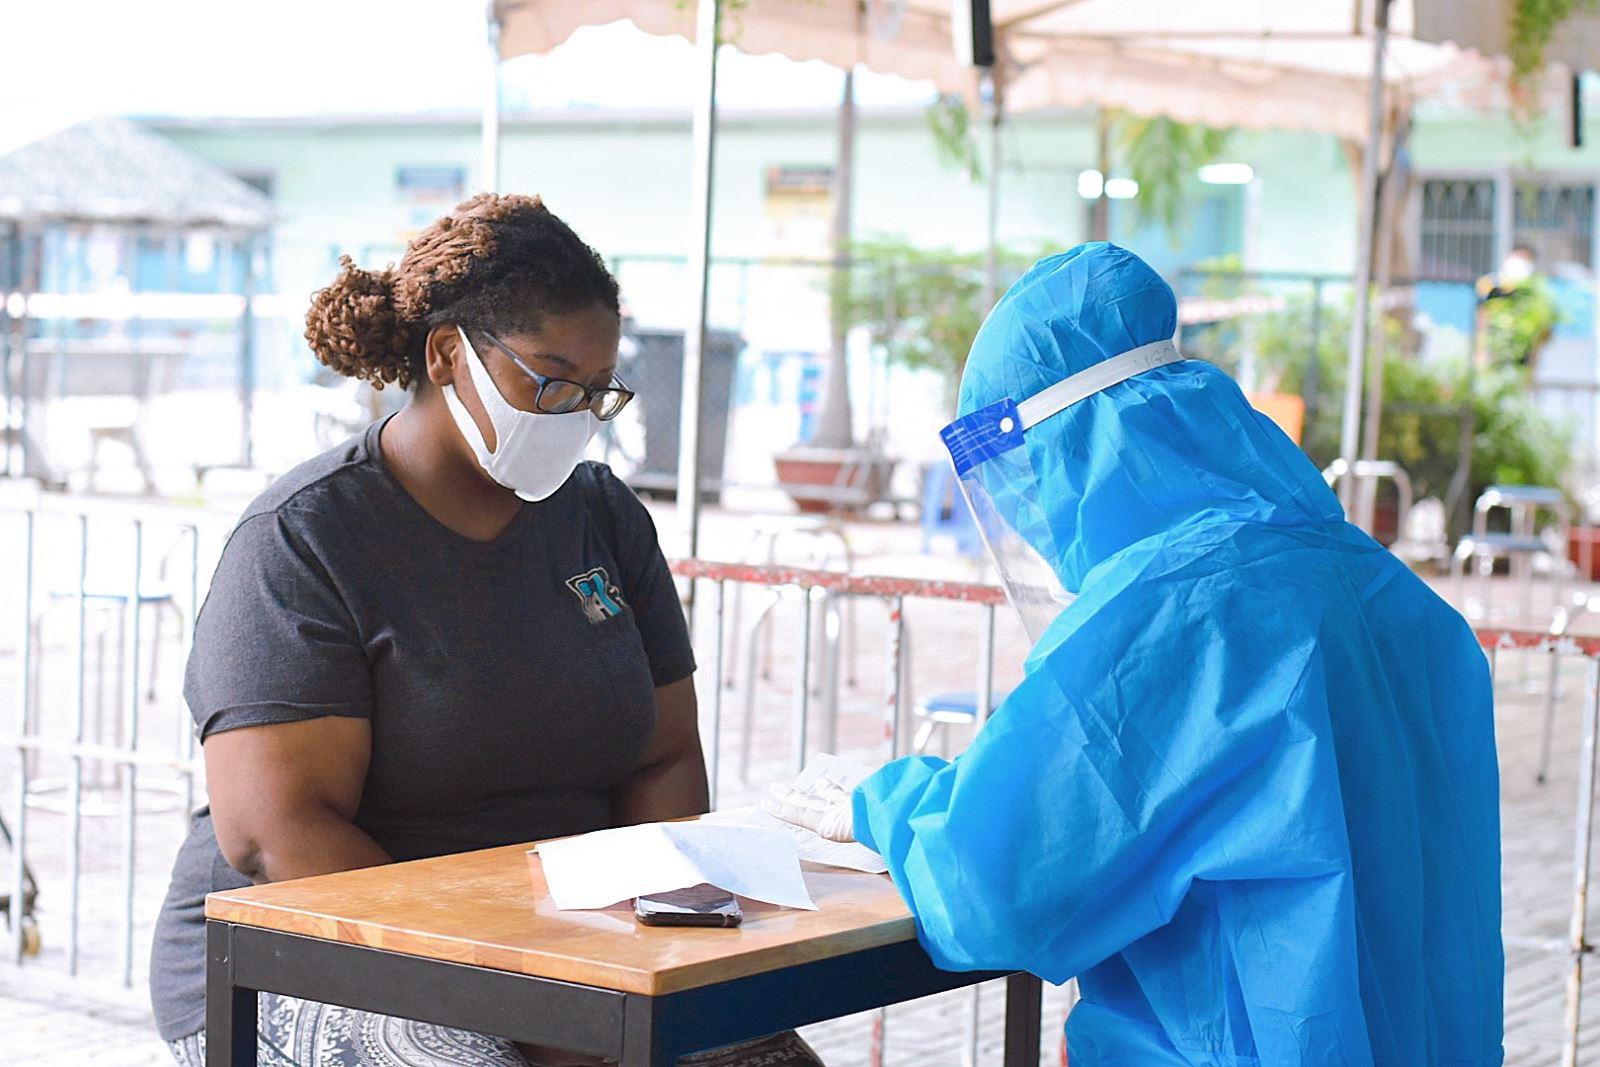 TP Hồ Chí Minh: Hỗ trợ người nước ngoài gặp khó khăn do dịch COVID-19 - Ảnh 1.